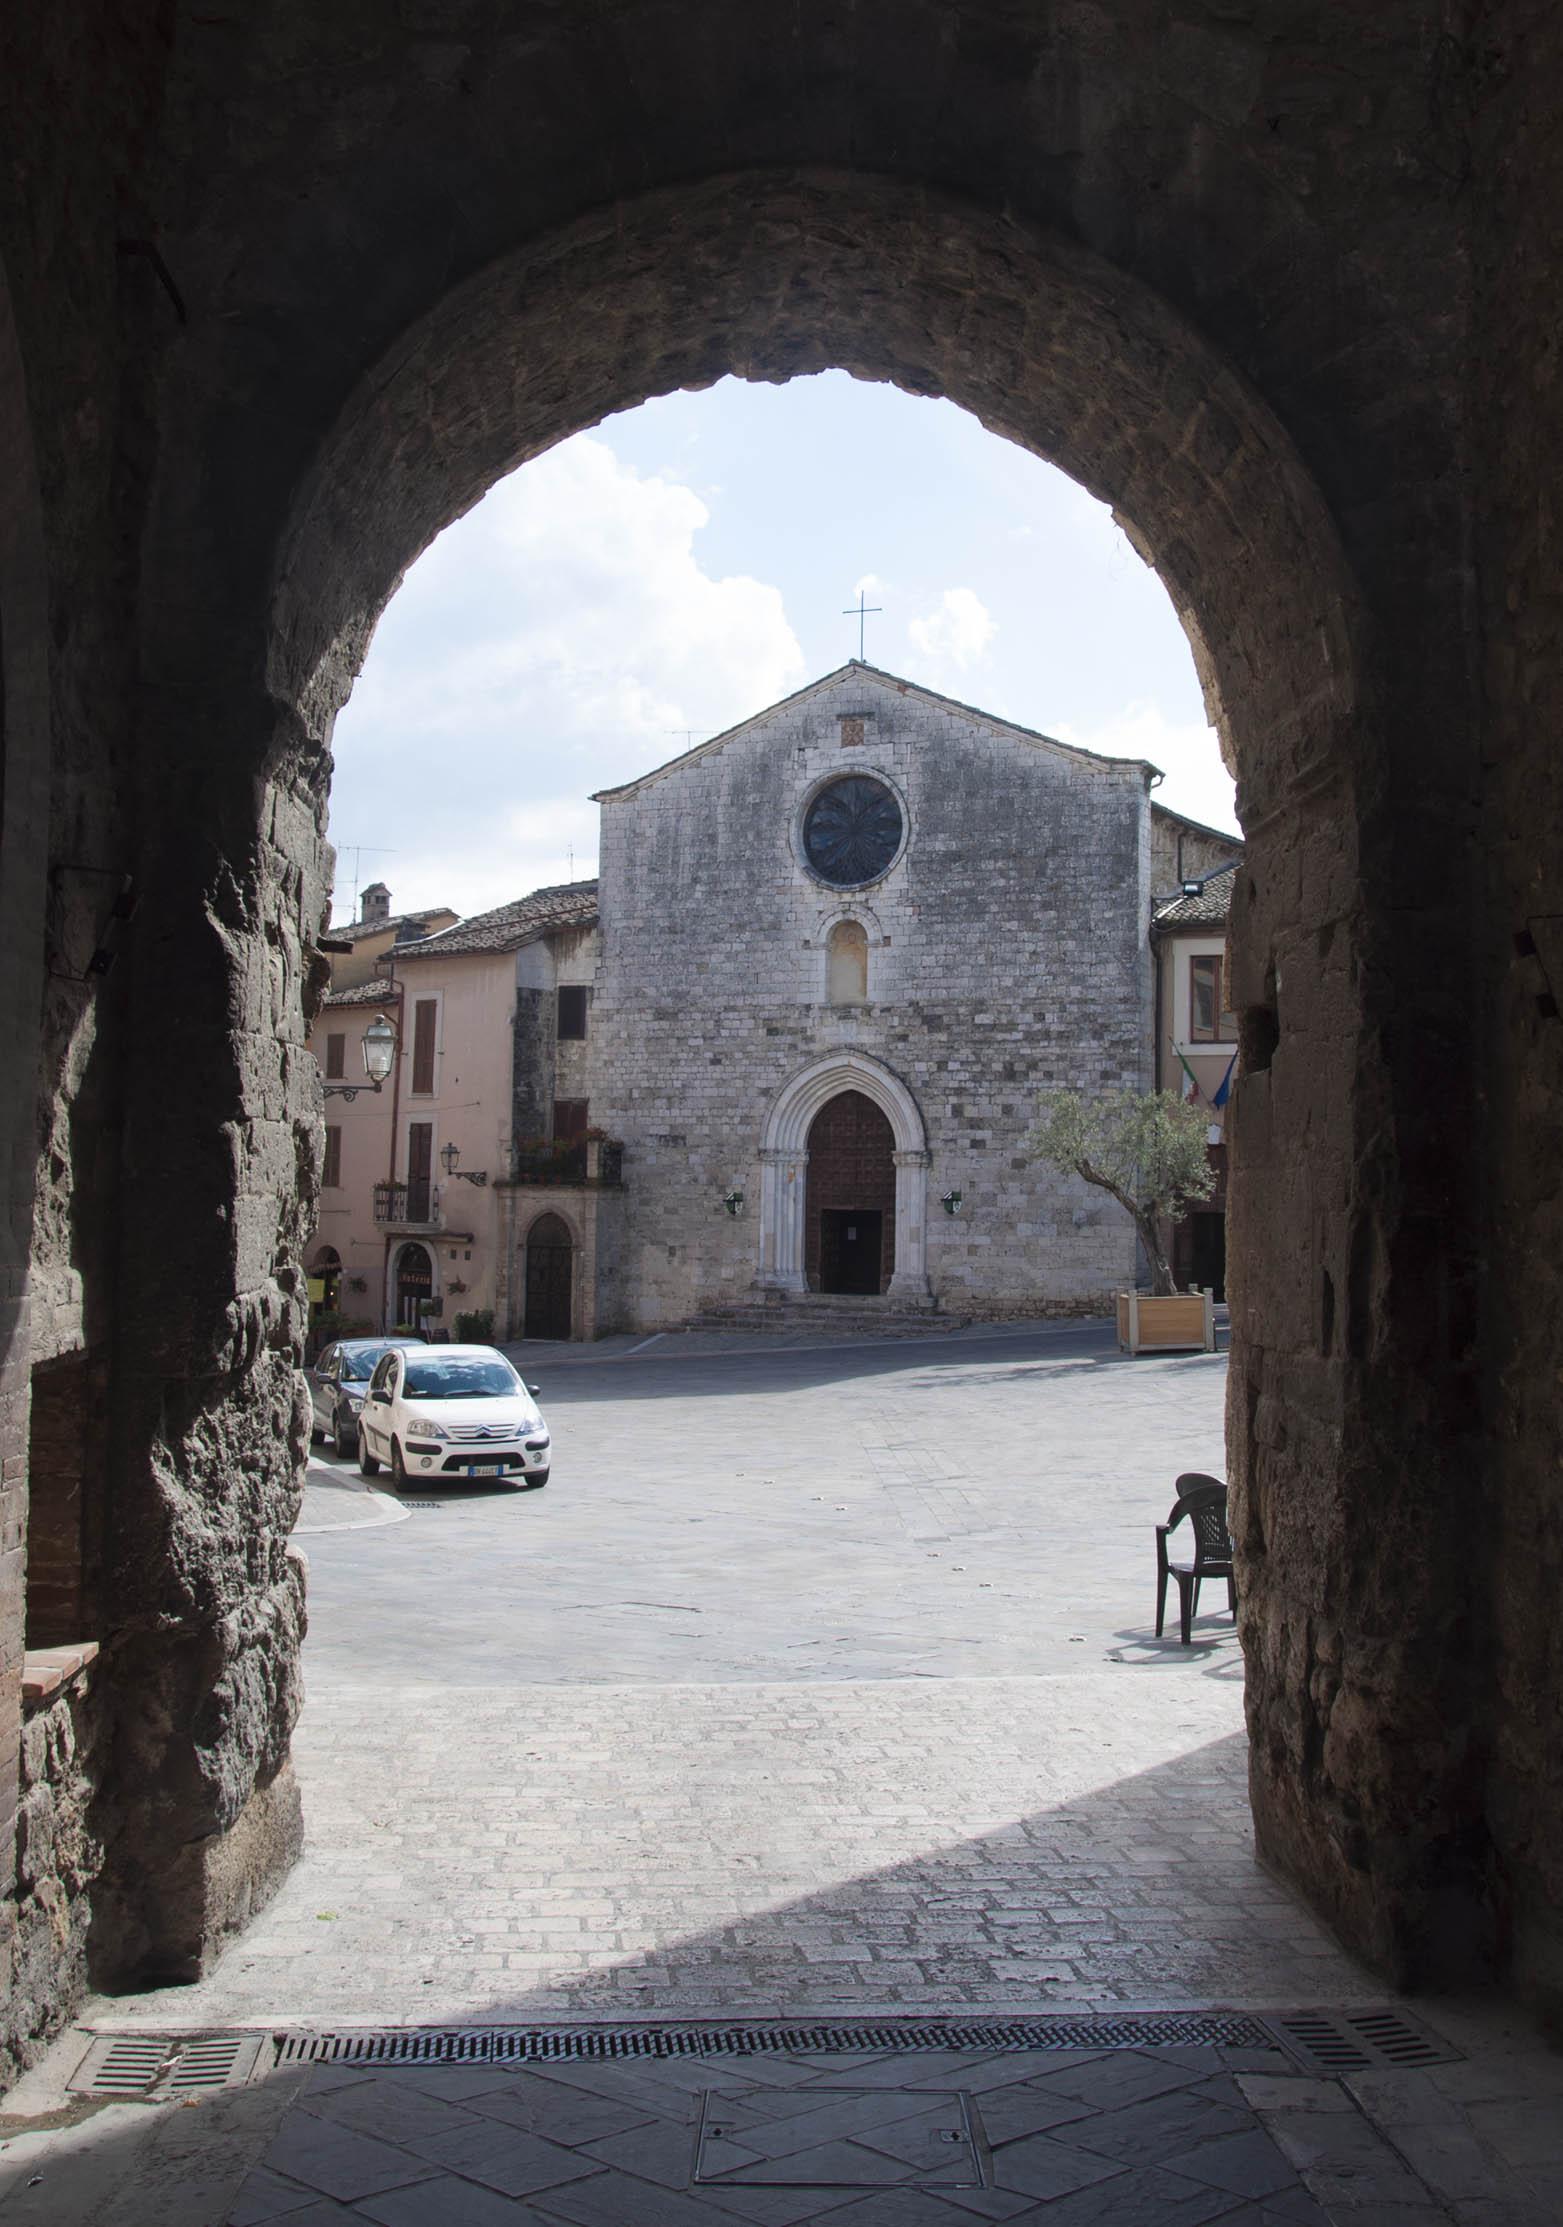 San Gemini, Church of Saint Francis